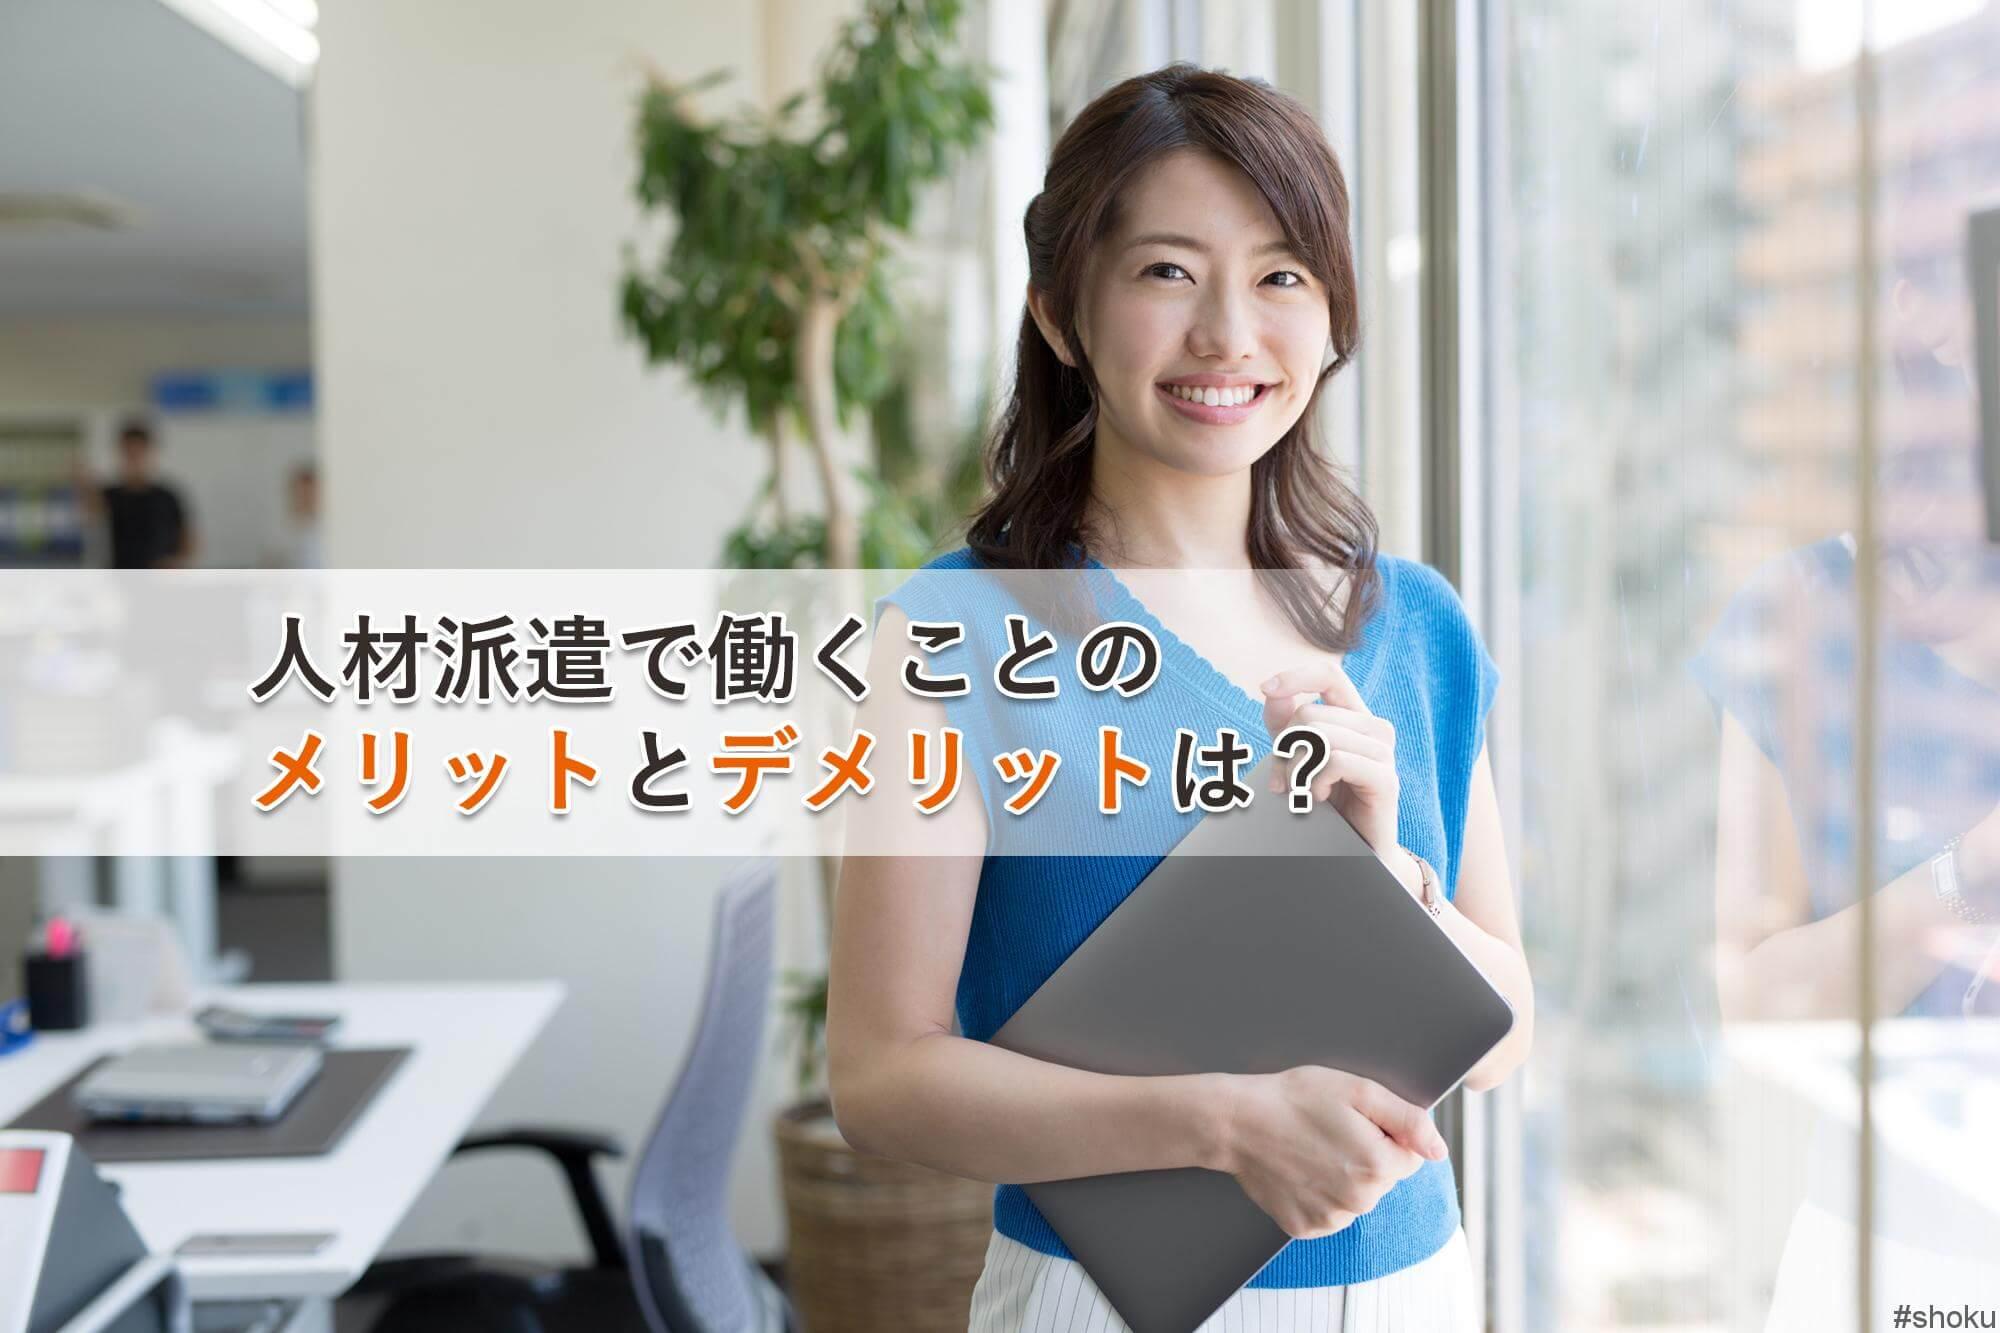 【キャリアコンサルタント監修】派遣のメリットとデメリットとは?